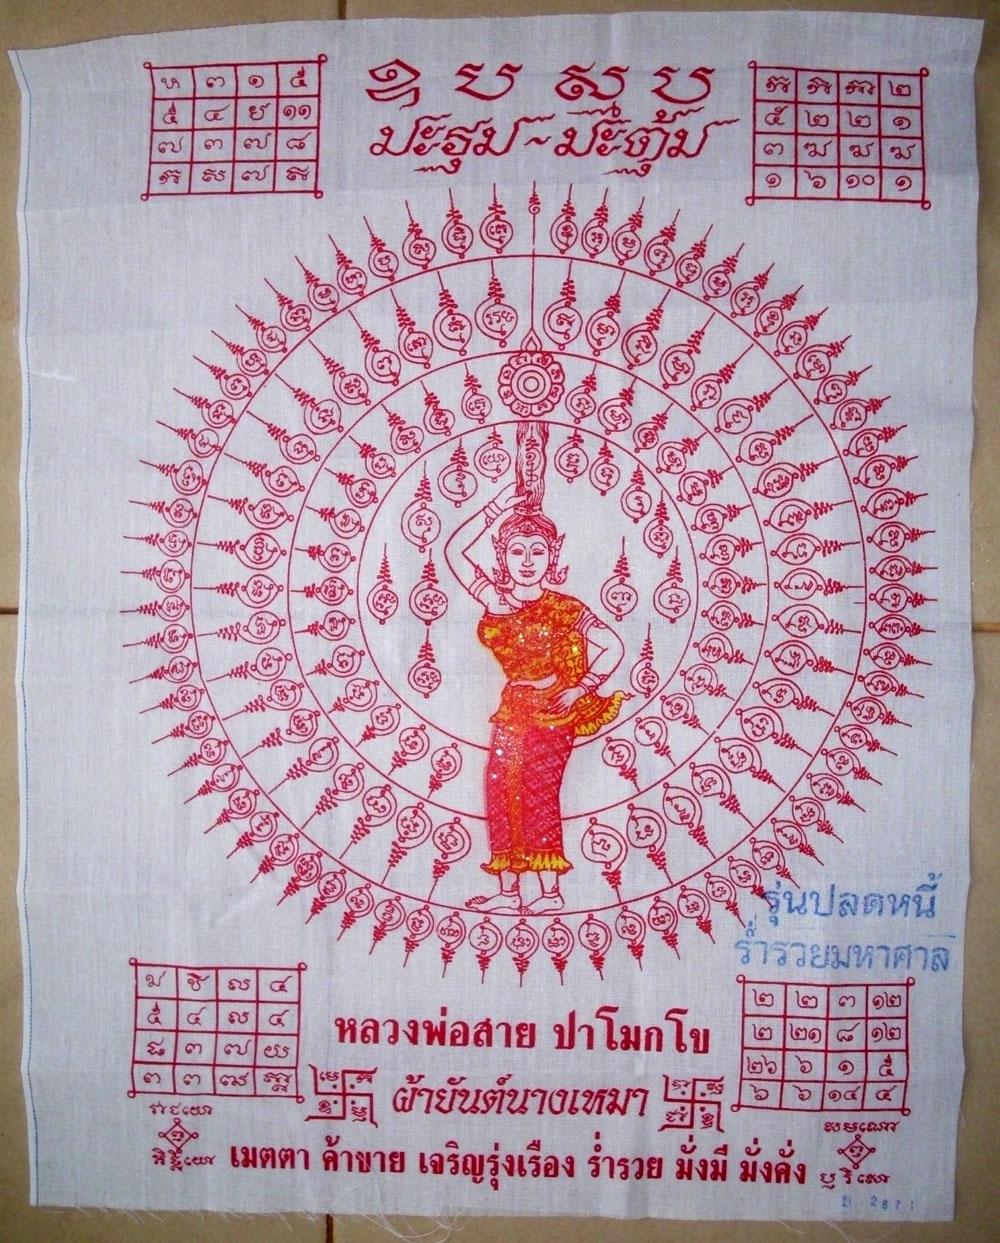 Pha Yant Mae Nang Hmao